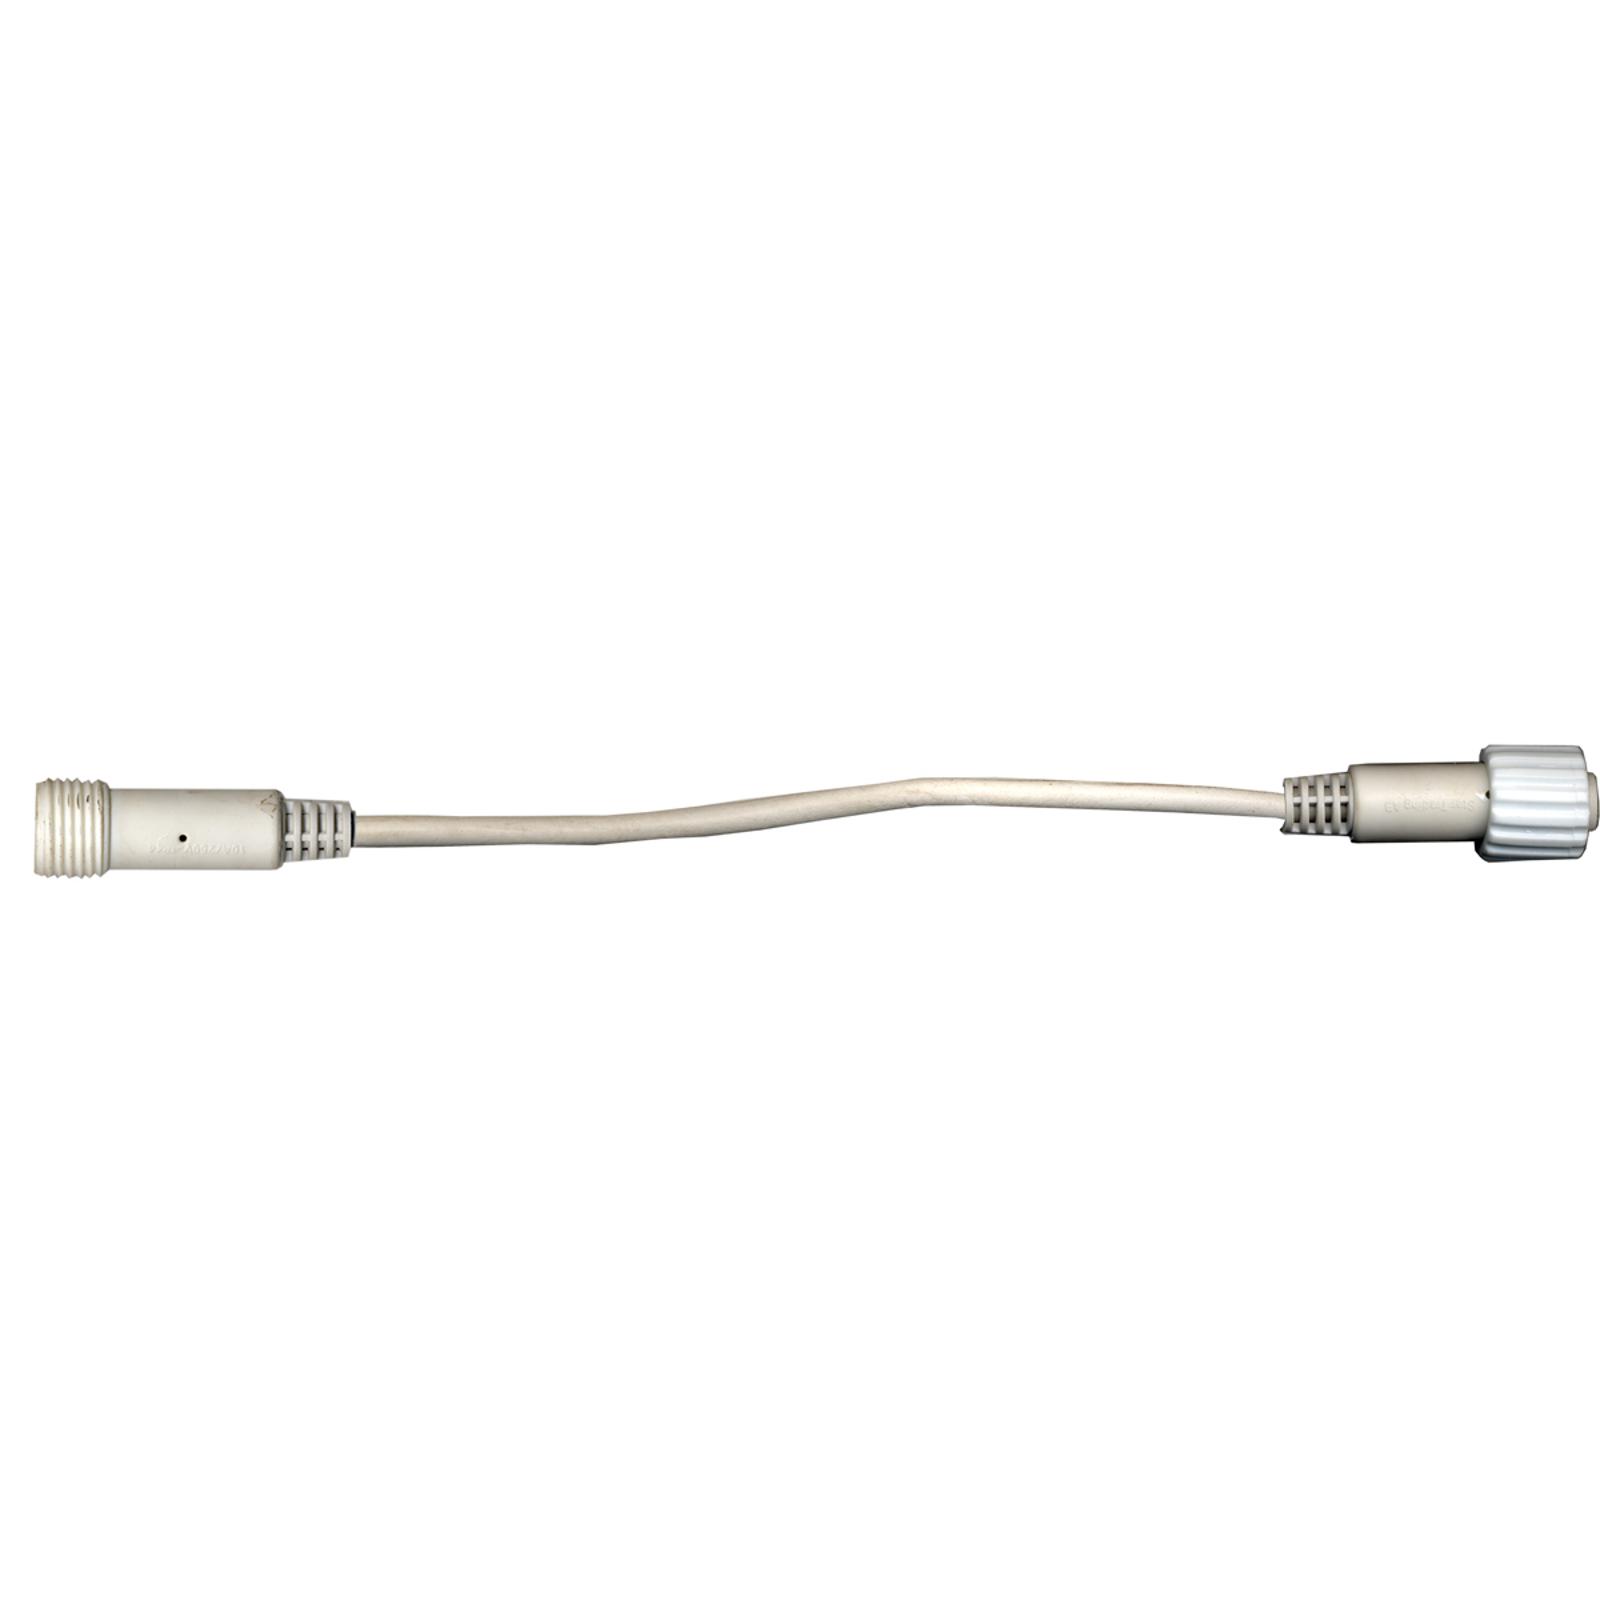 Forbindelsekabel for LED-stjerne 1522448 5 meter